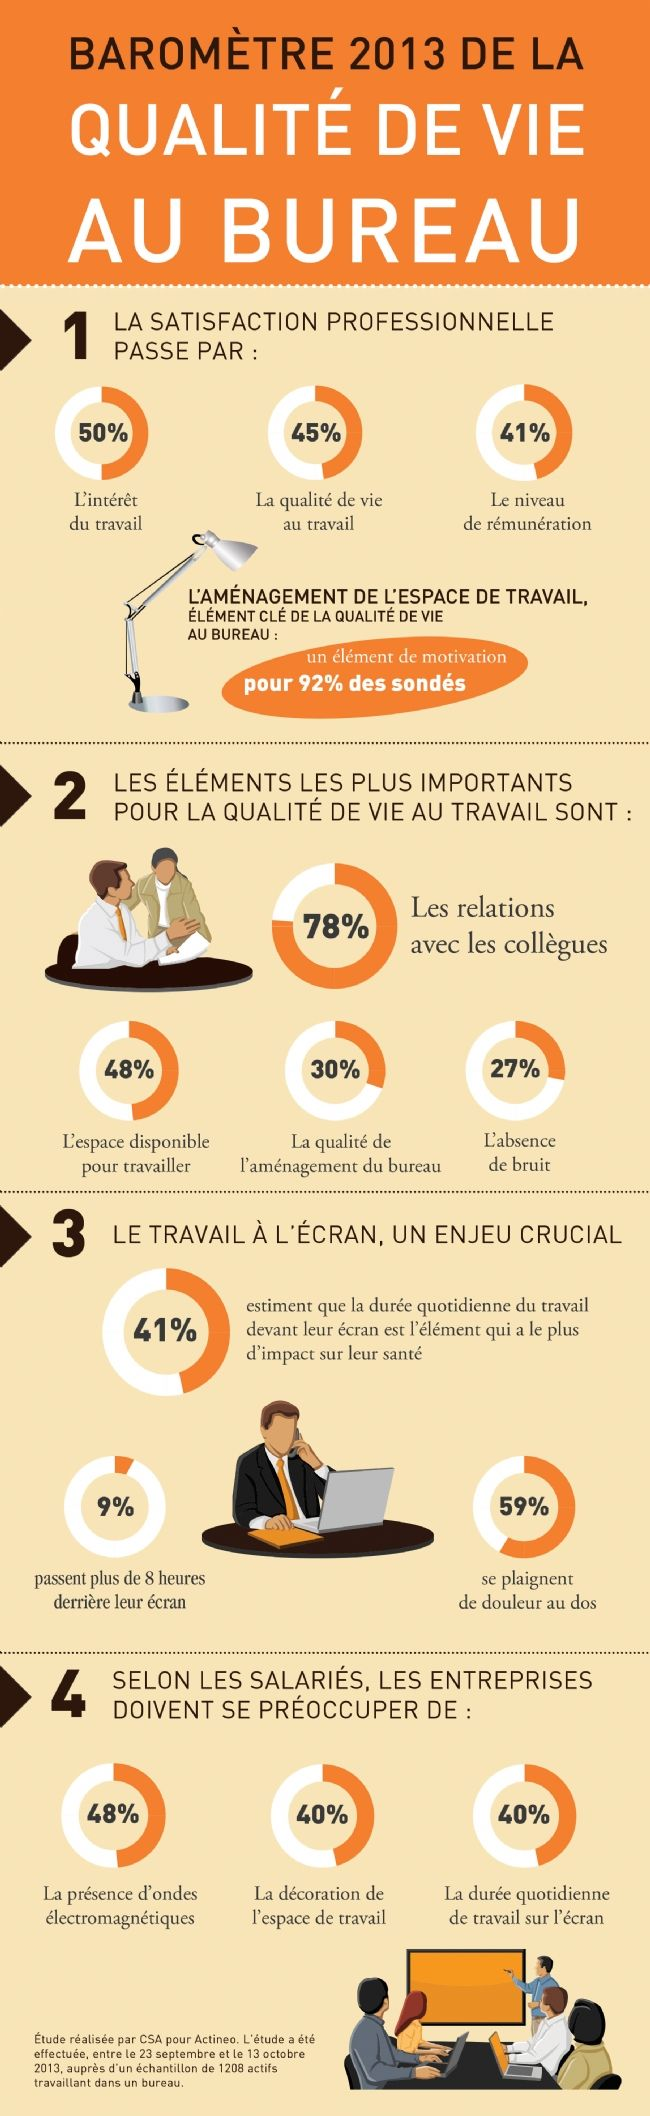 #Infographie: #baromêtre du #bien être au travail: aménagement de l'espace est crucial selon 92% des sondés